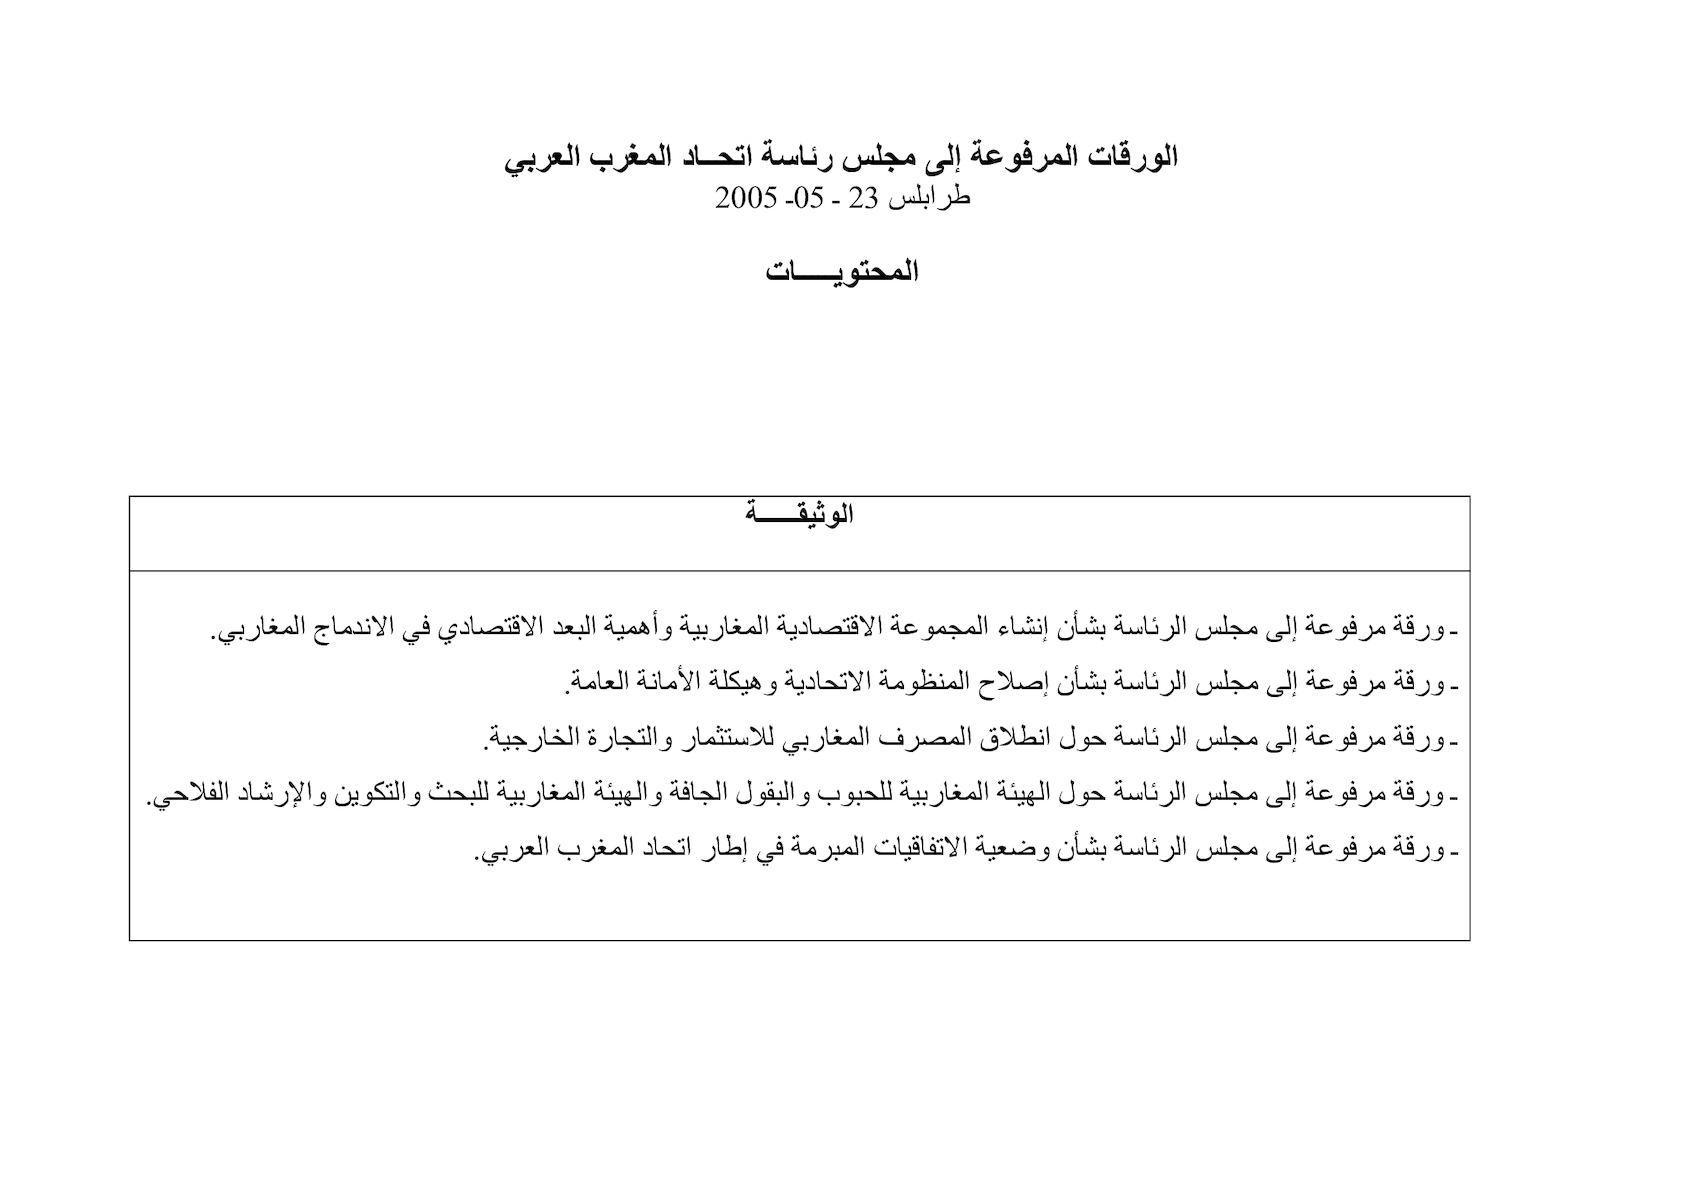 الورقات المرفوعة إلى مجلس رئاسة اتحــاد المغرب 1